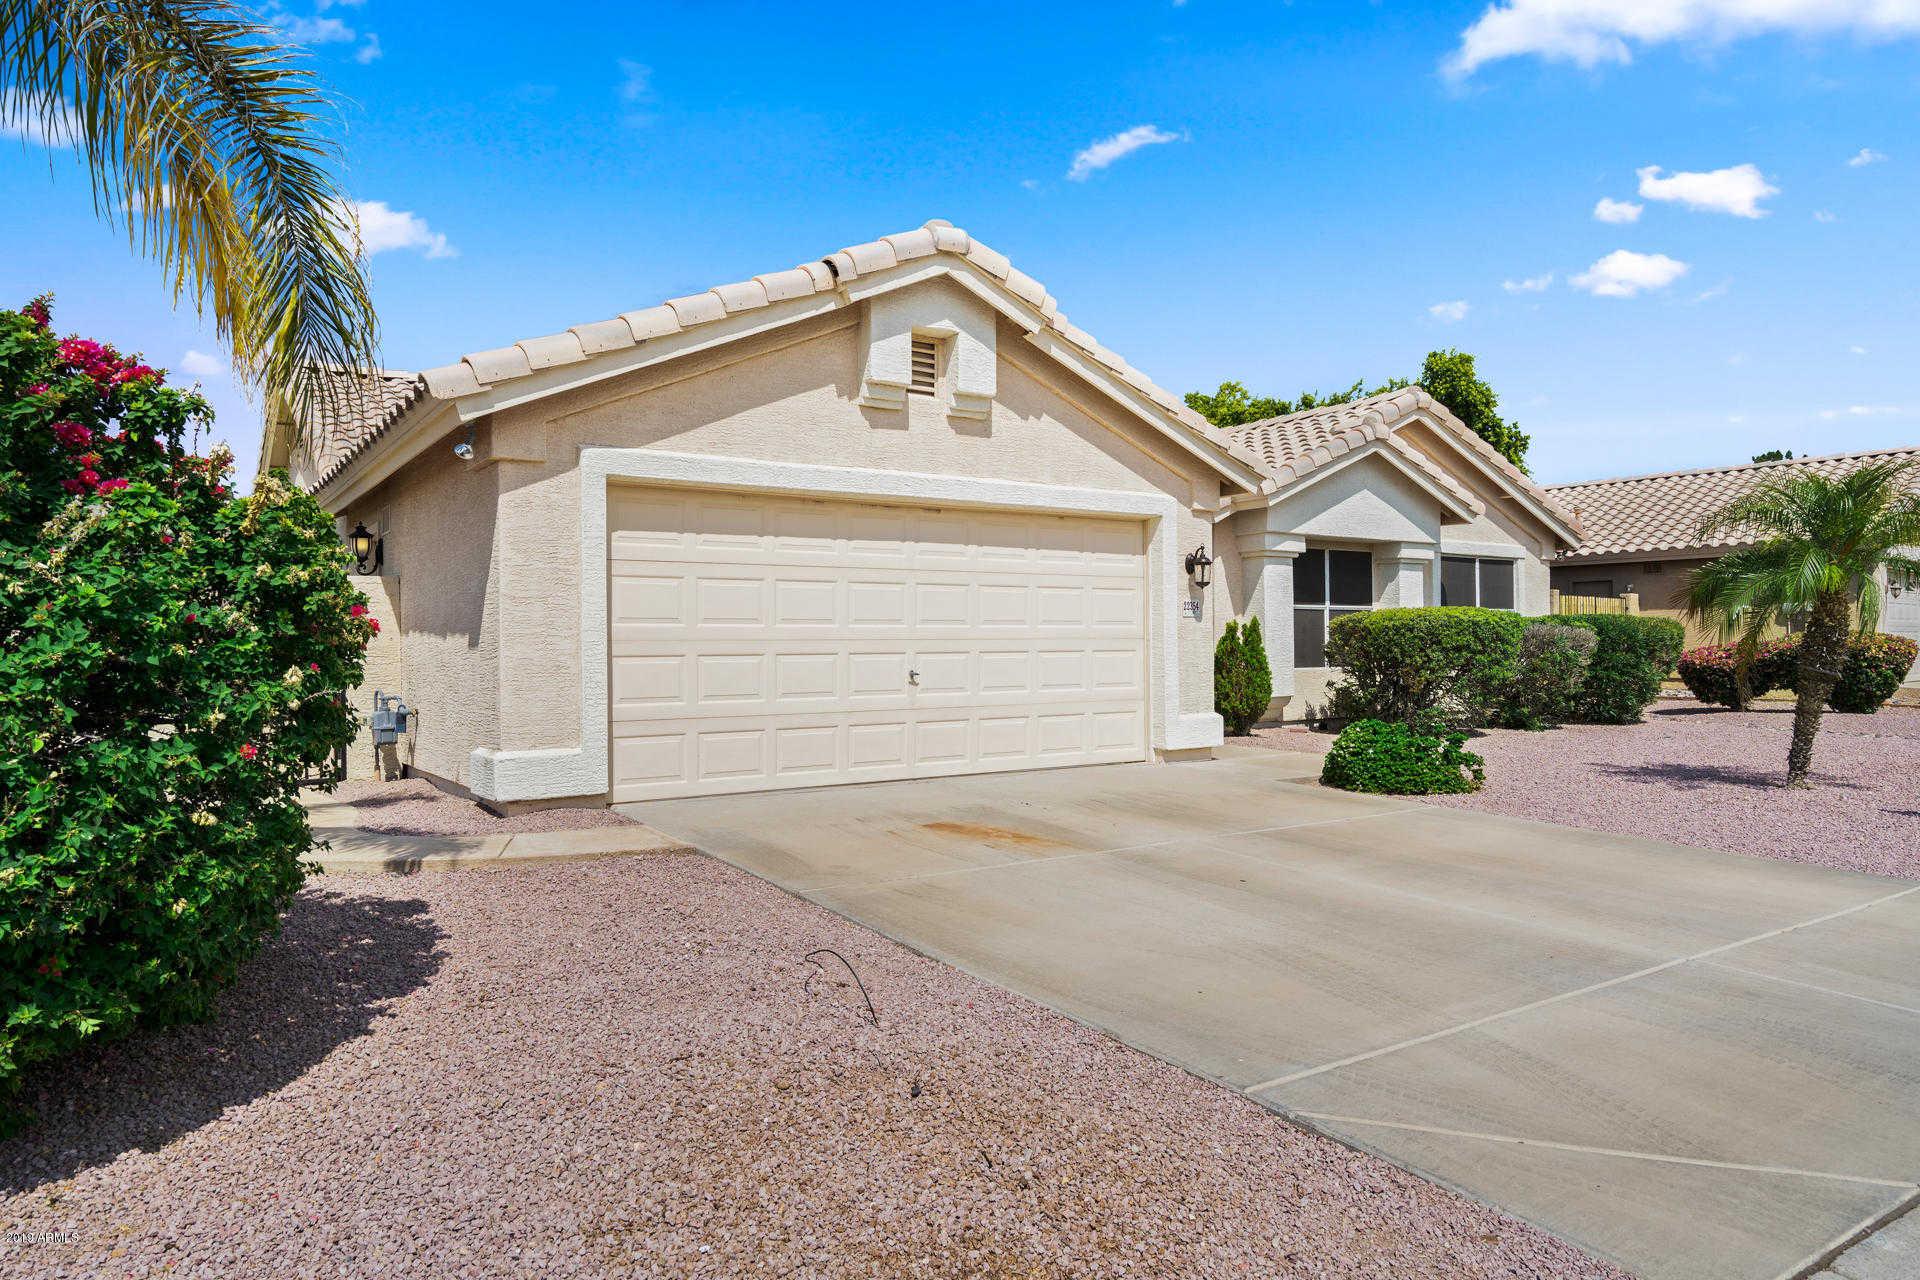 $327,500 - 4Br/2Ba - Home for Sale in Hillcrest Ranch Parcel L, Glendale